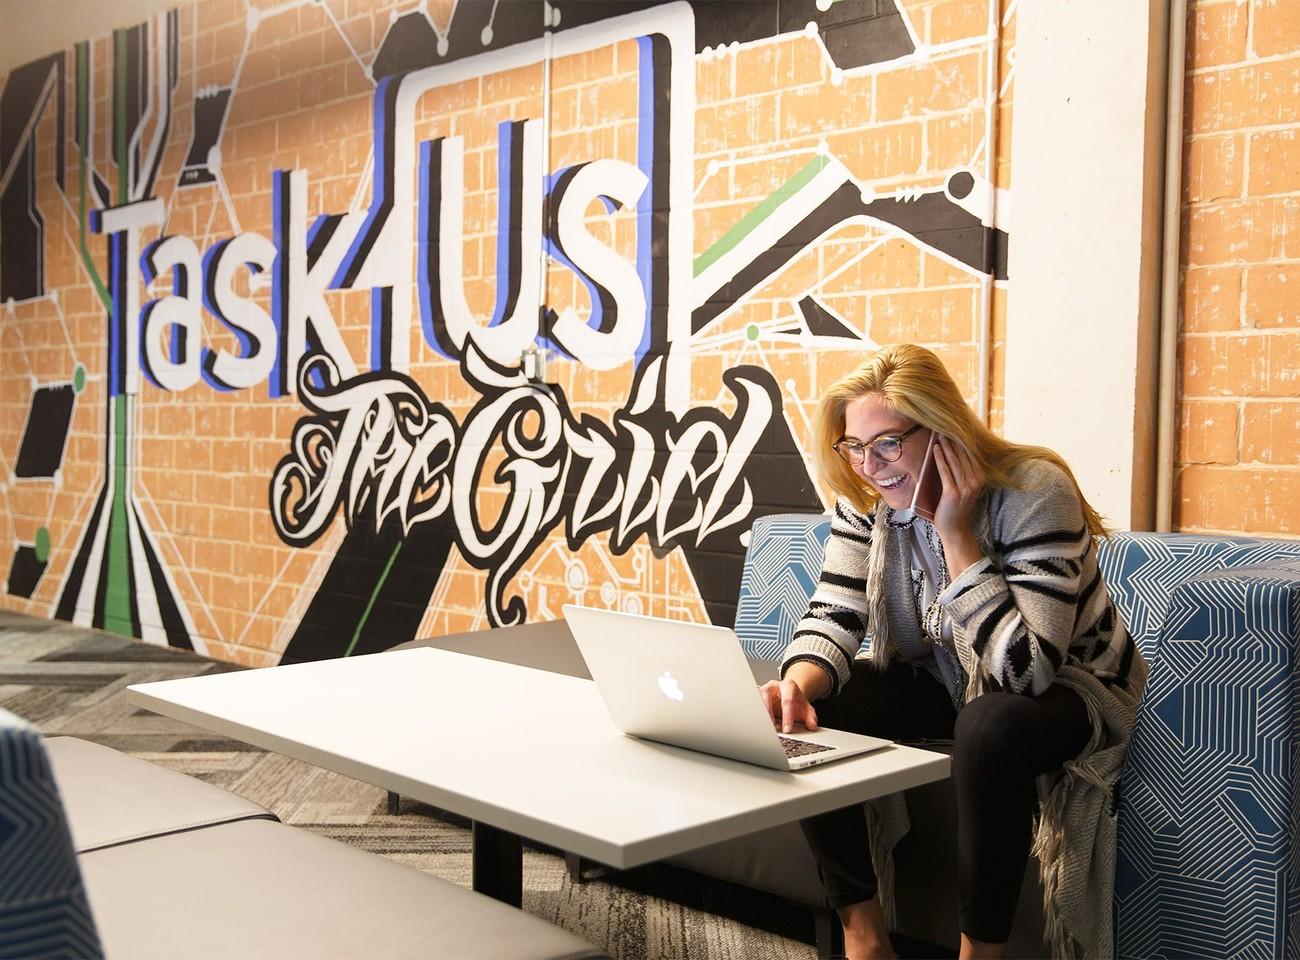 TaskUs Careers